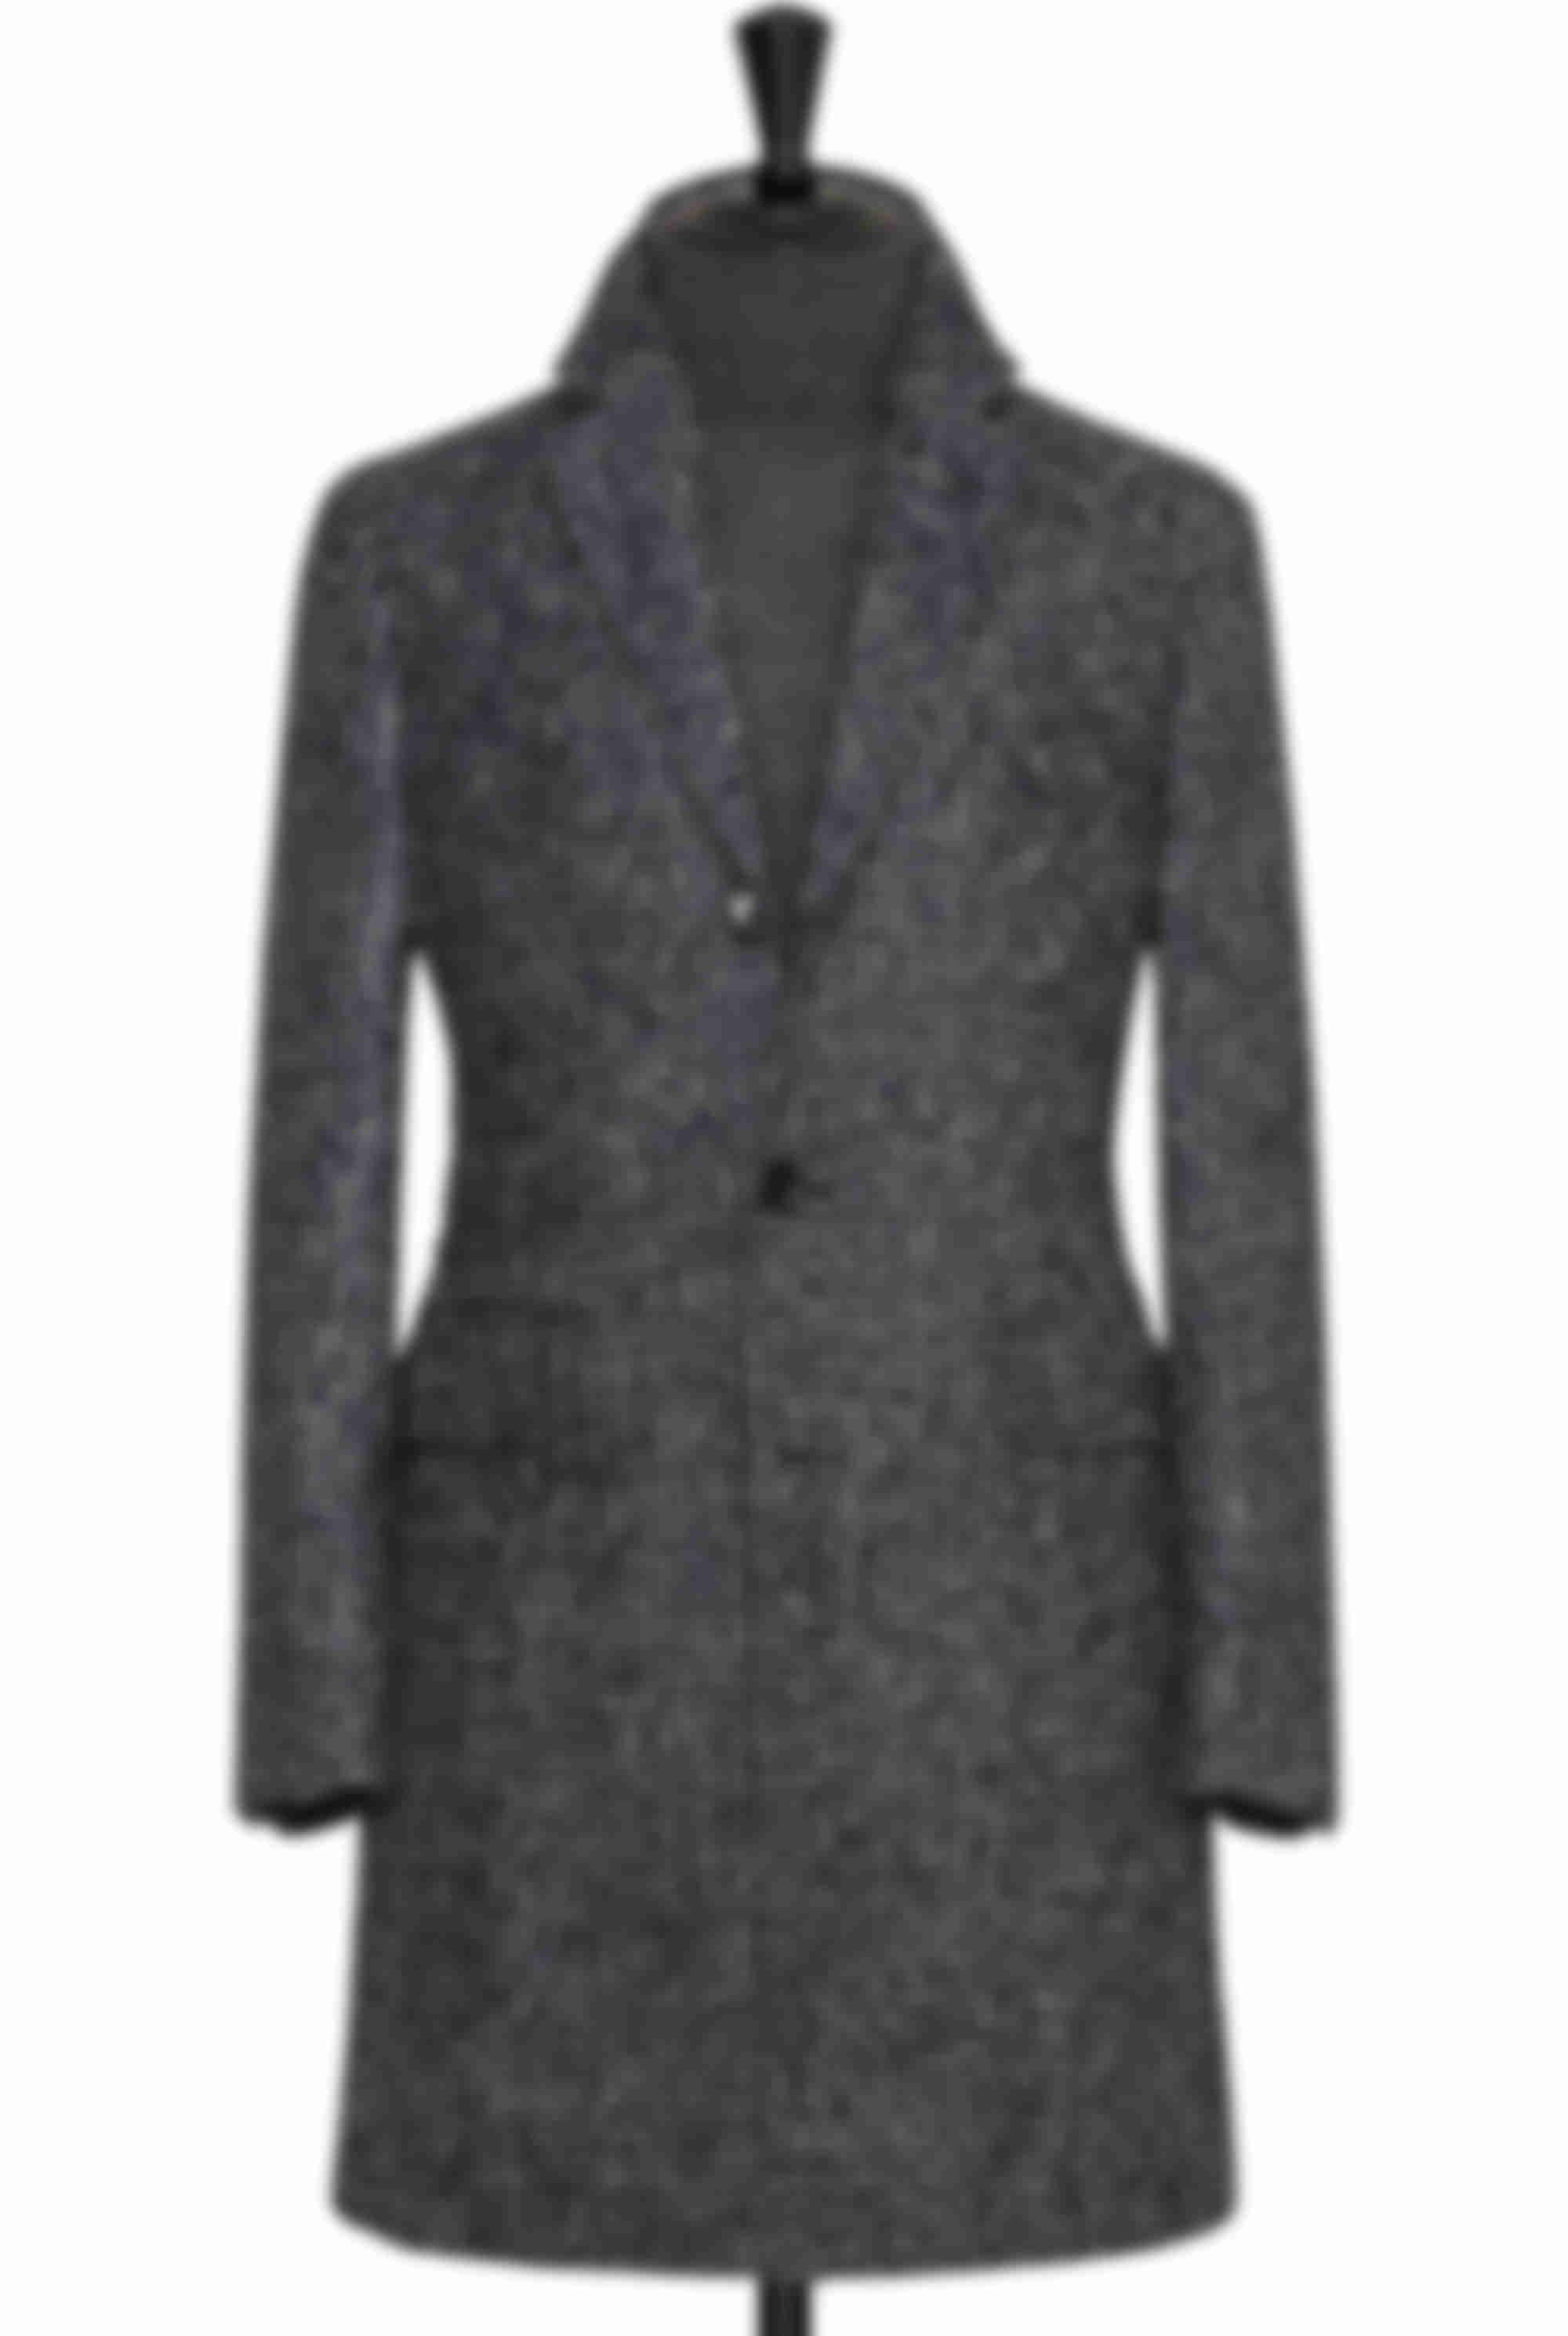 Manteau sur mesure Atelier Mesure grand carreaux laine Loro Piana